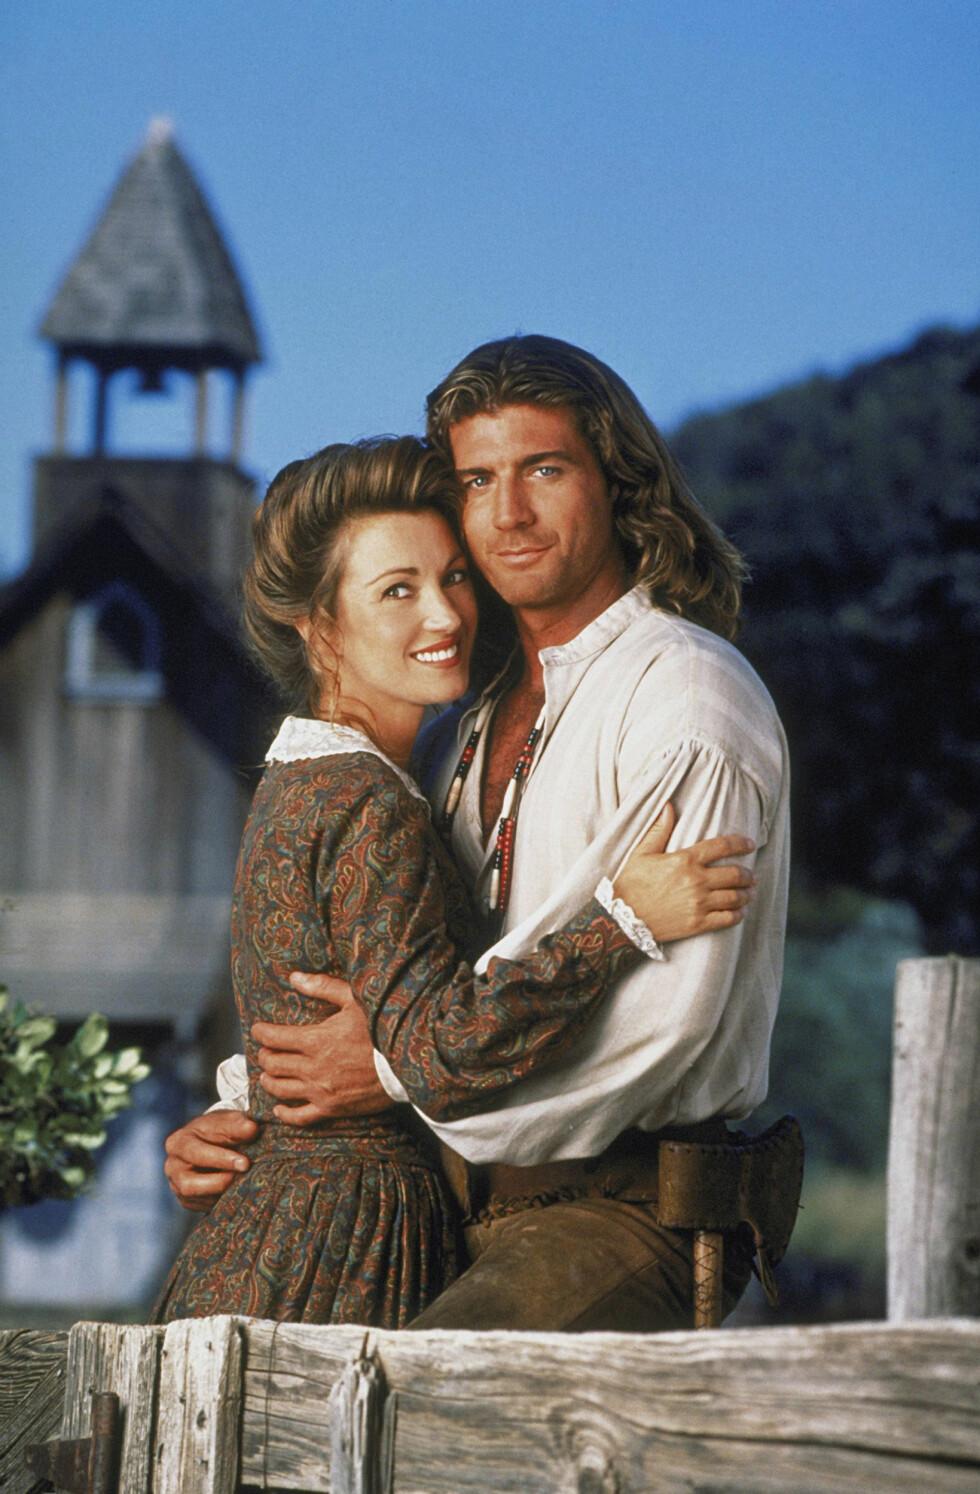 Seymour vant en Emmy-pris for rollen i den familievennlige western-serien.  Foto: CBS-TV / Album